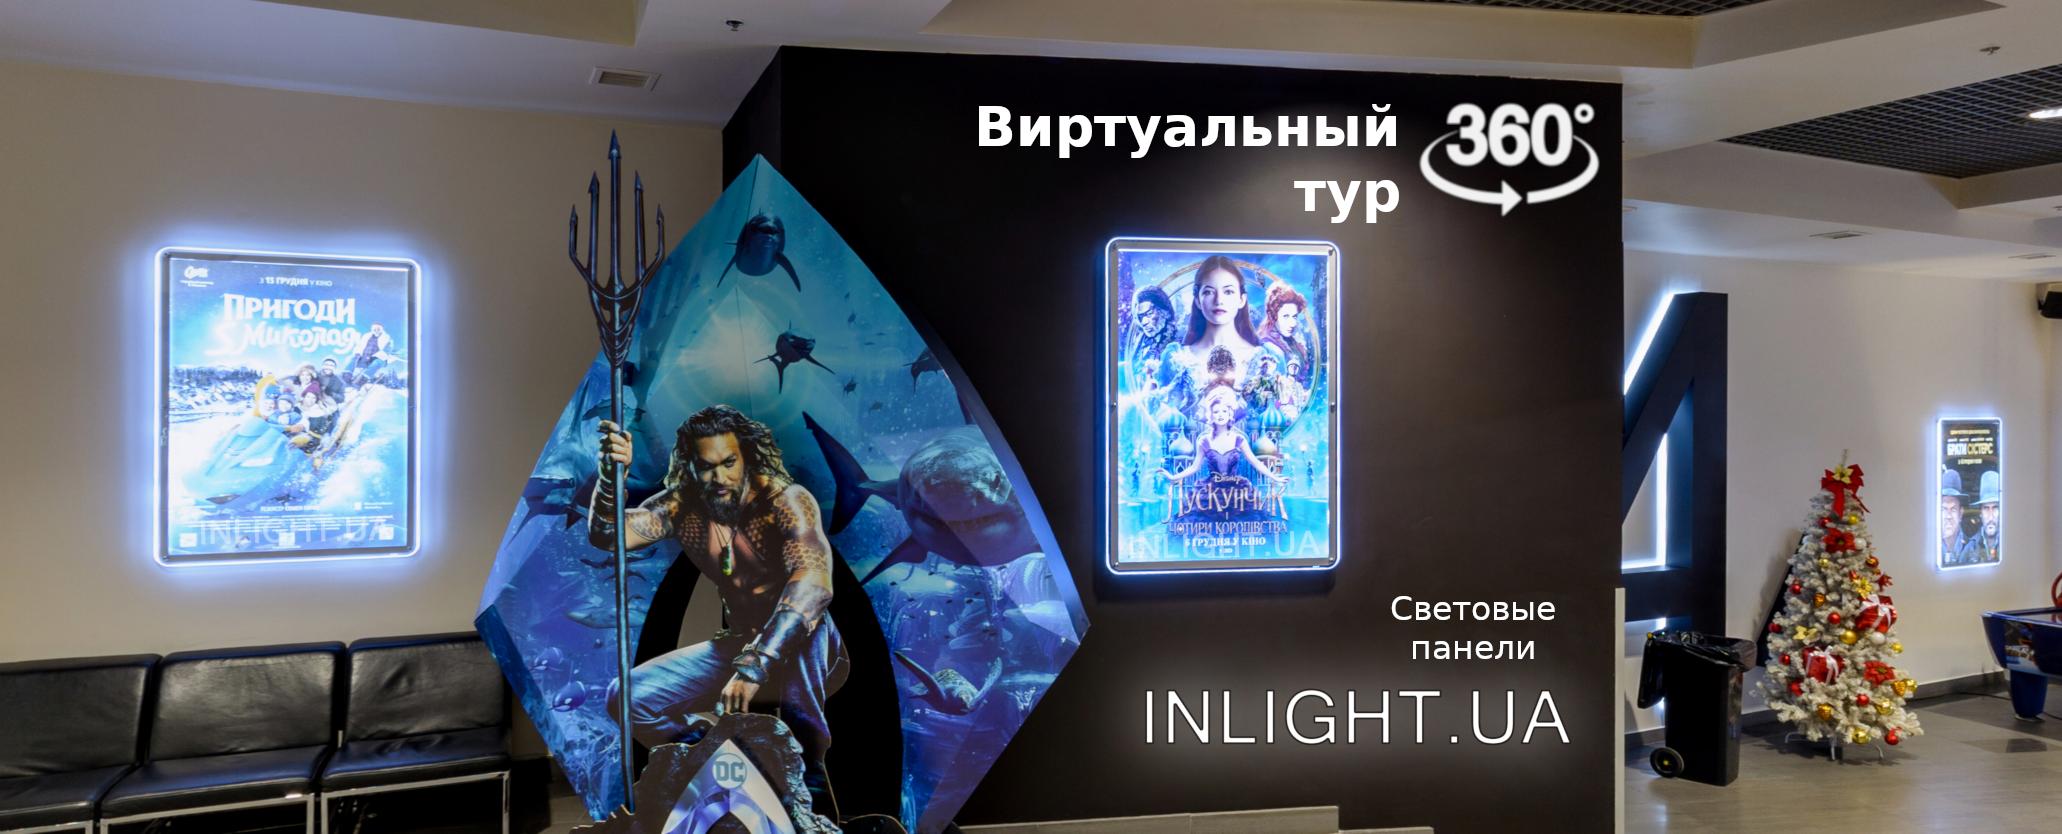 Виртуальный тур Panomista.com.ua